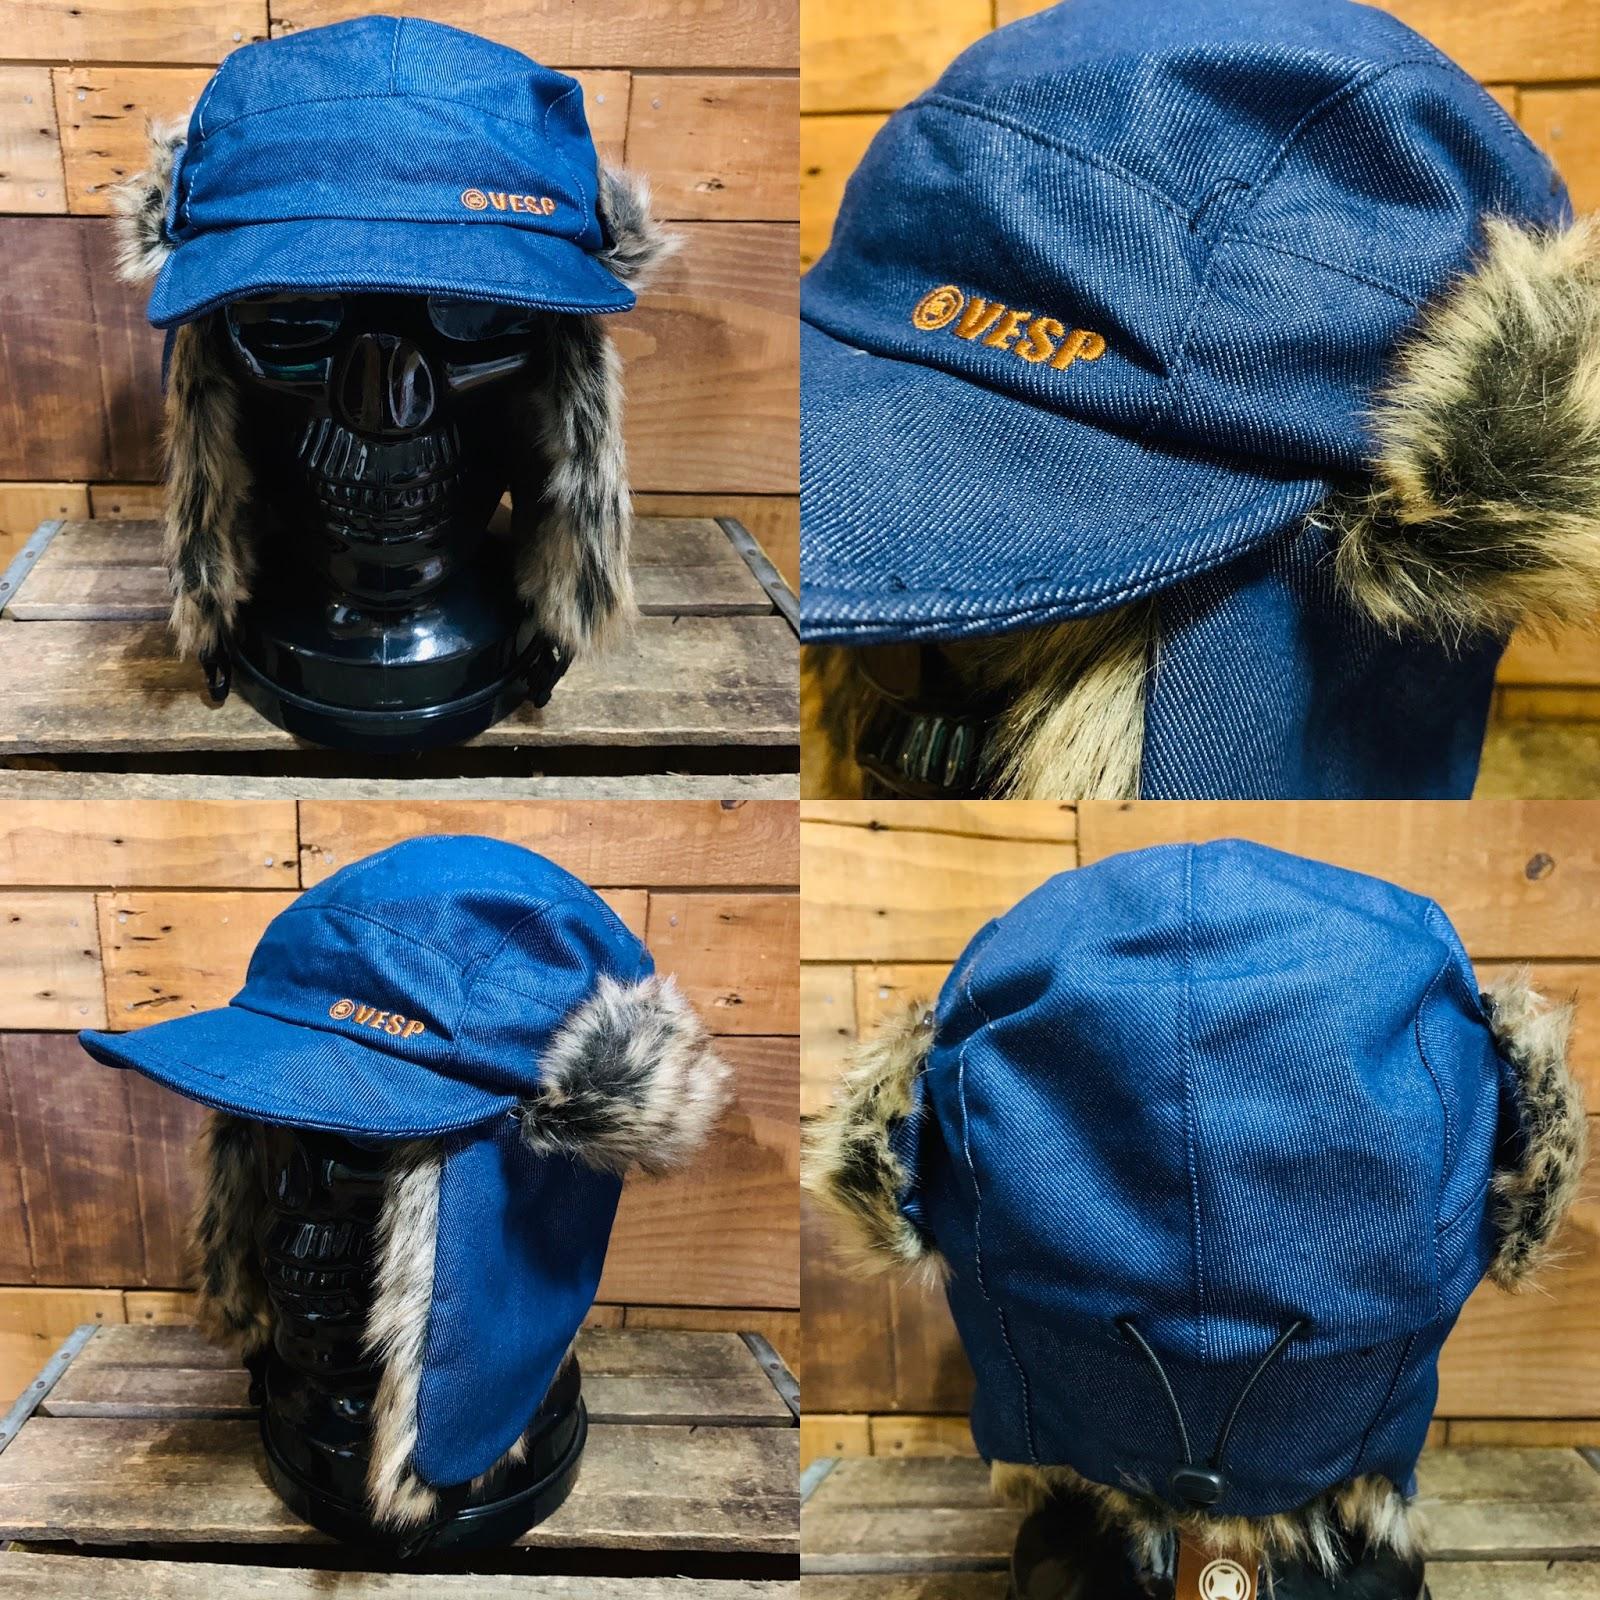 VESP_商品12_帽子